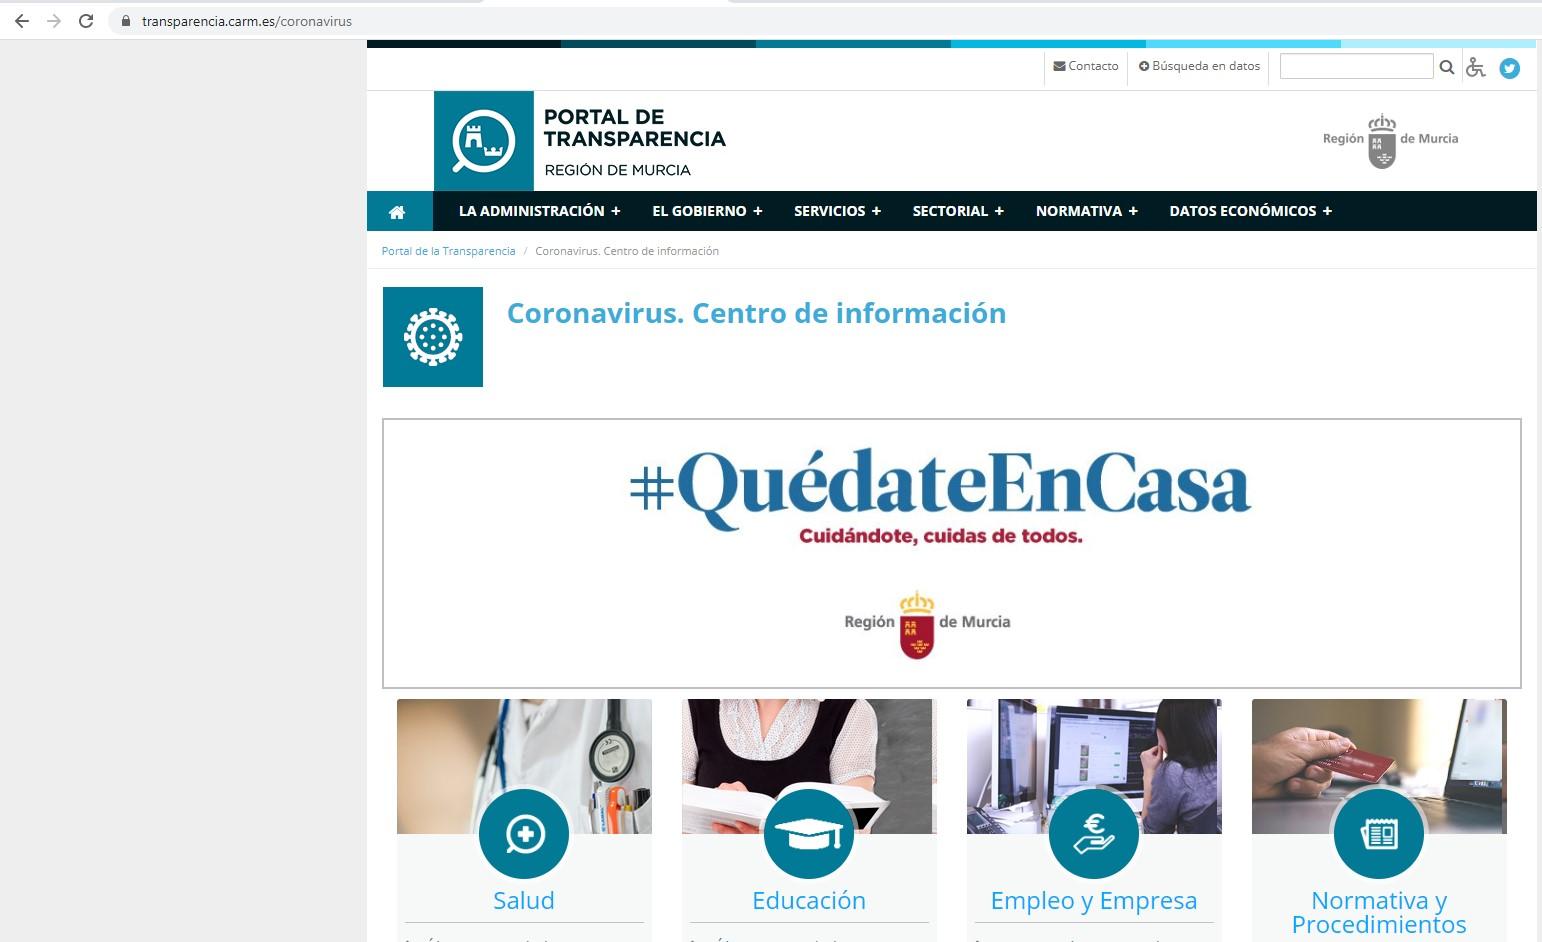 CENTRO DE INFORMACIÓN DEL CORONAVIRUS DE LA COMUNIDAD AUTÓNOMA